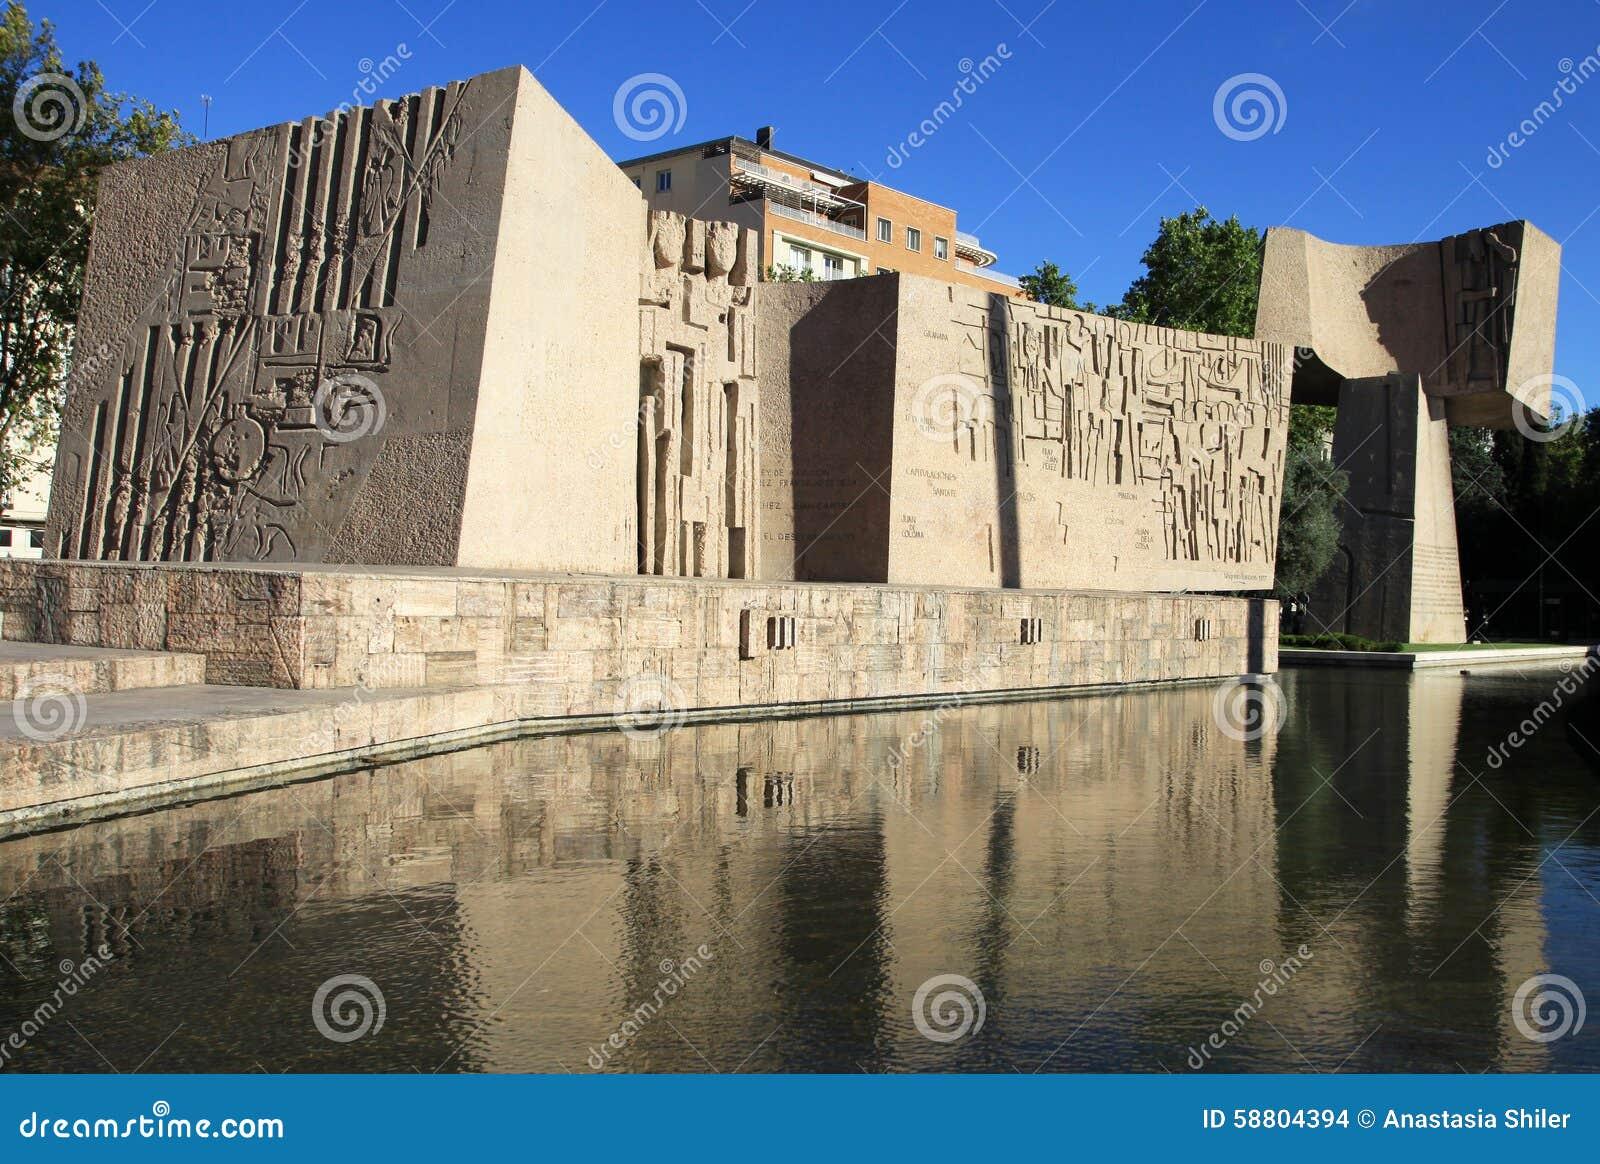 Monumento à descoberta de América Jardins da descoberta em Plaza de Dois pontos Madrid, Spain